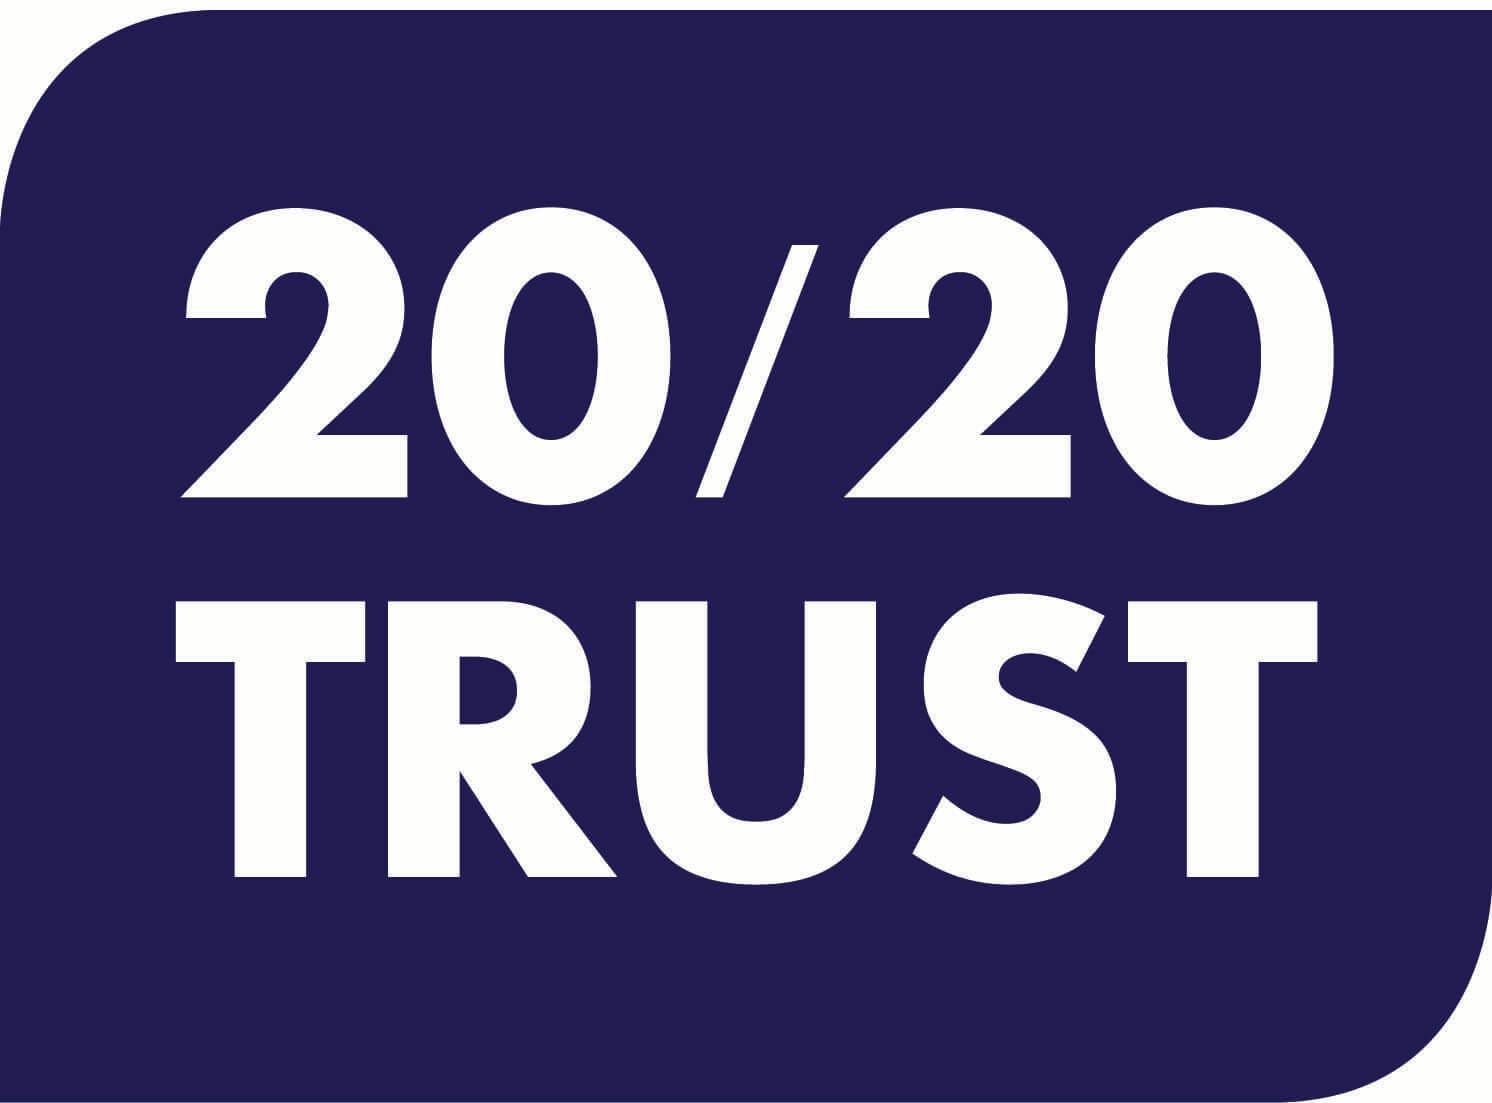 2020 Trust homepage